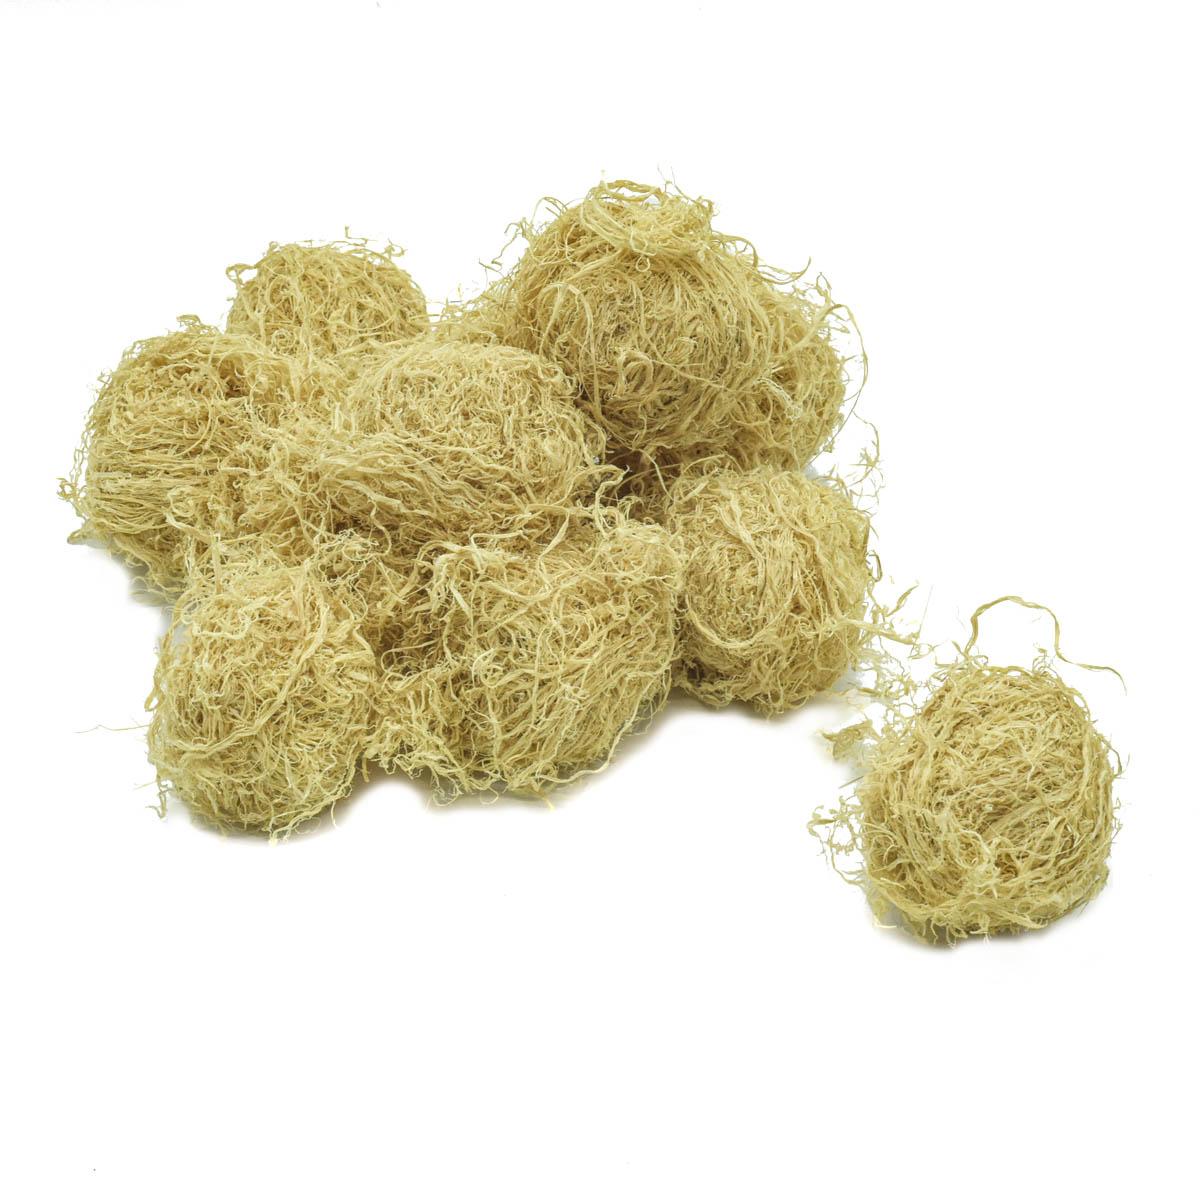 YW222 Декоративные элементы натуральные. Шарики из бамбука, 6 см, 10 шт/уп